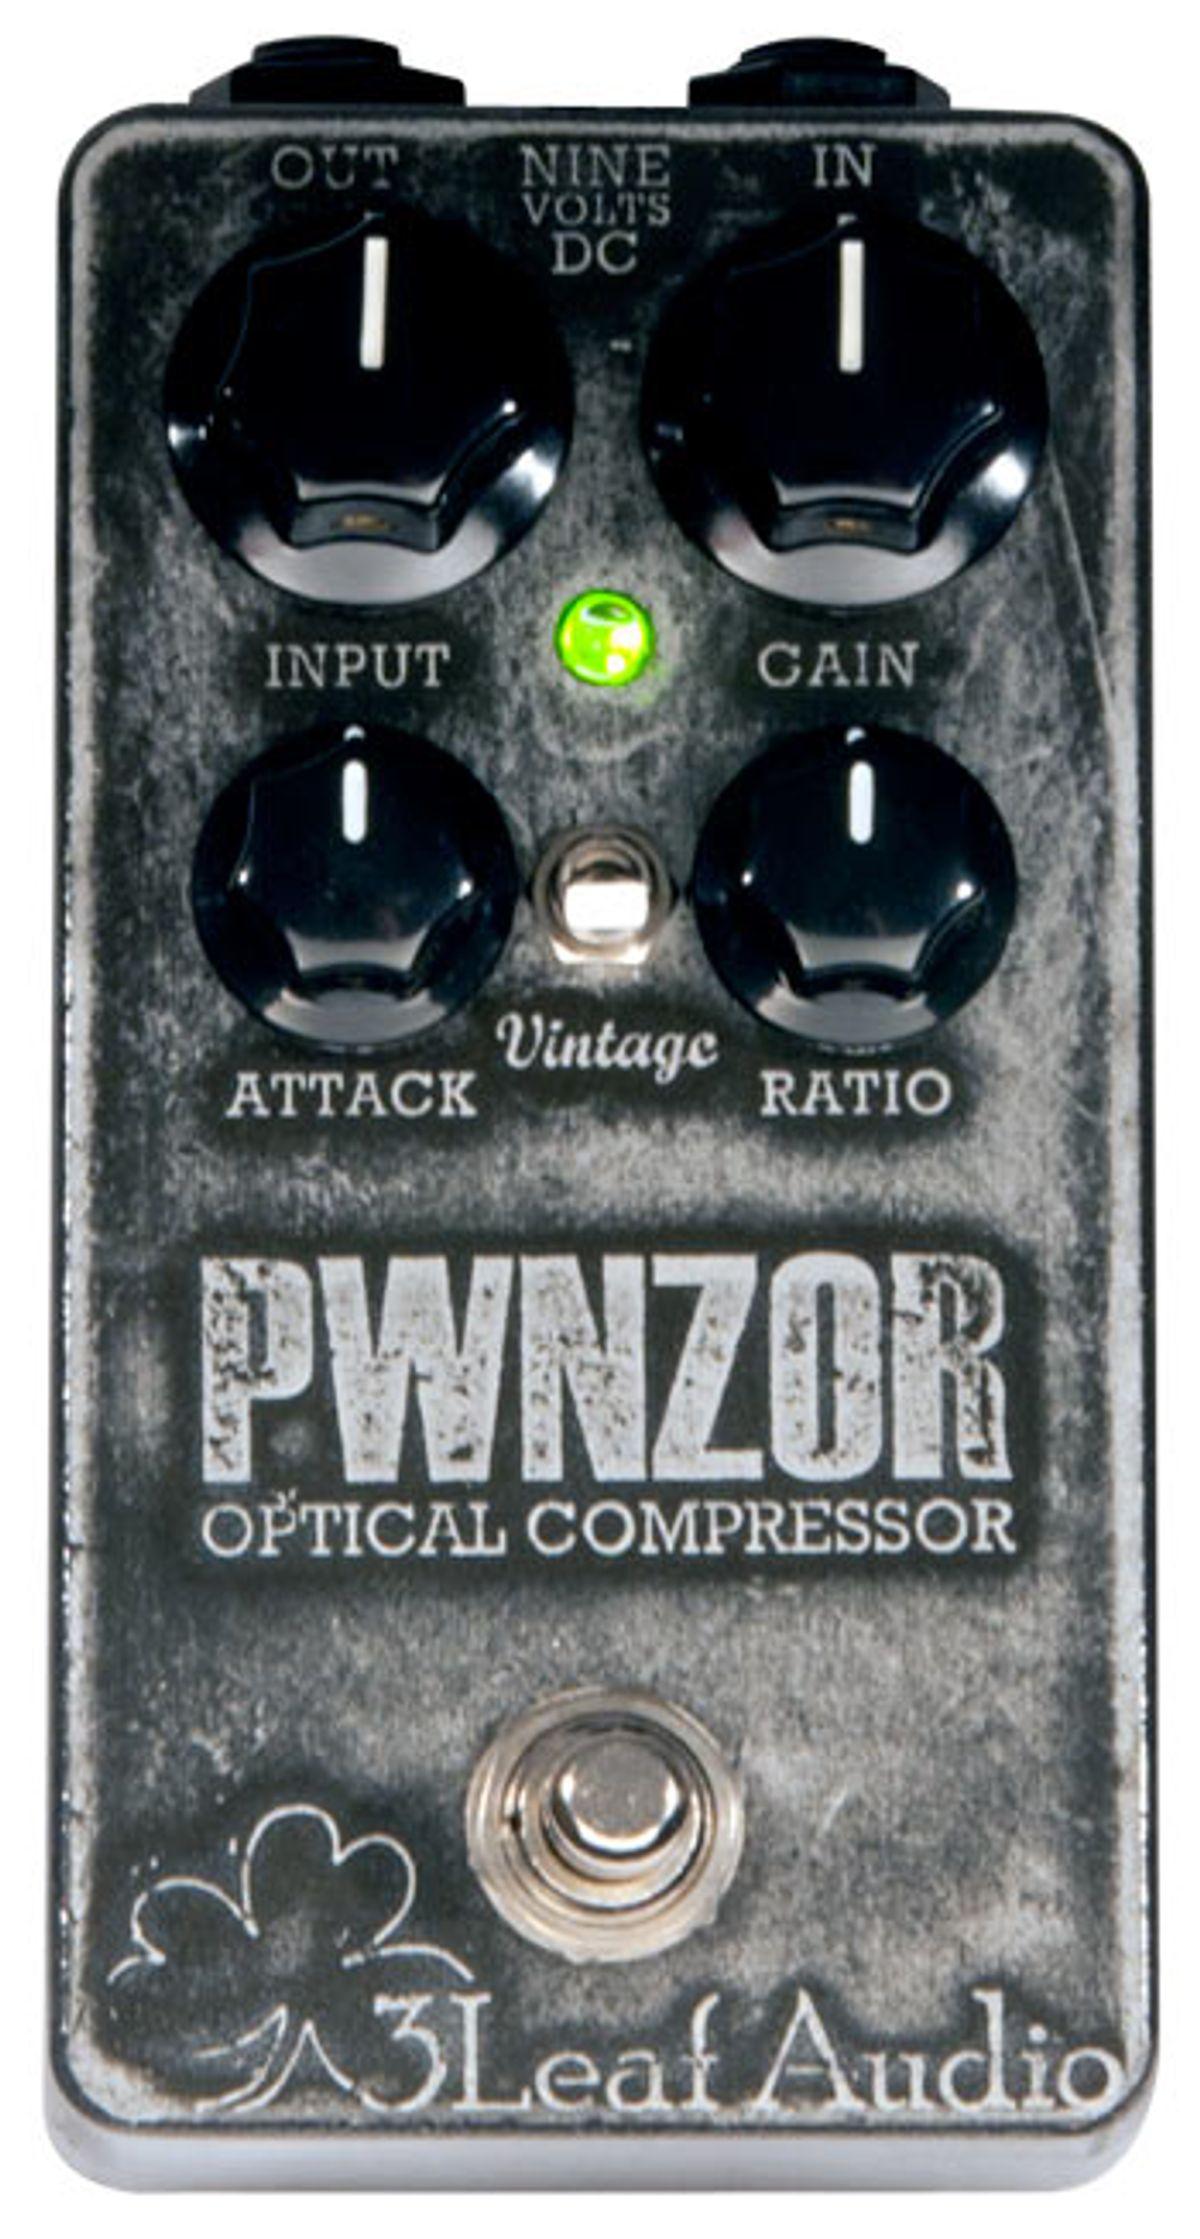 3Leaf Audio PWNZOR Bass Compressor Review